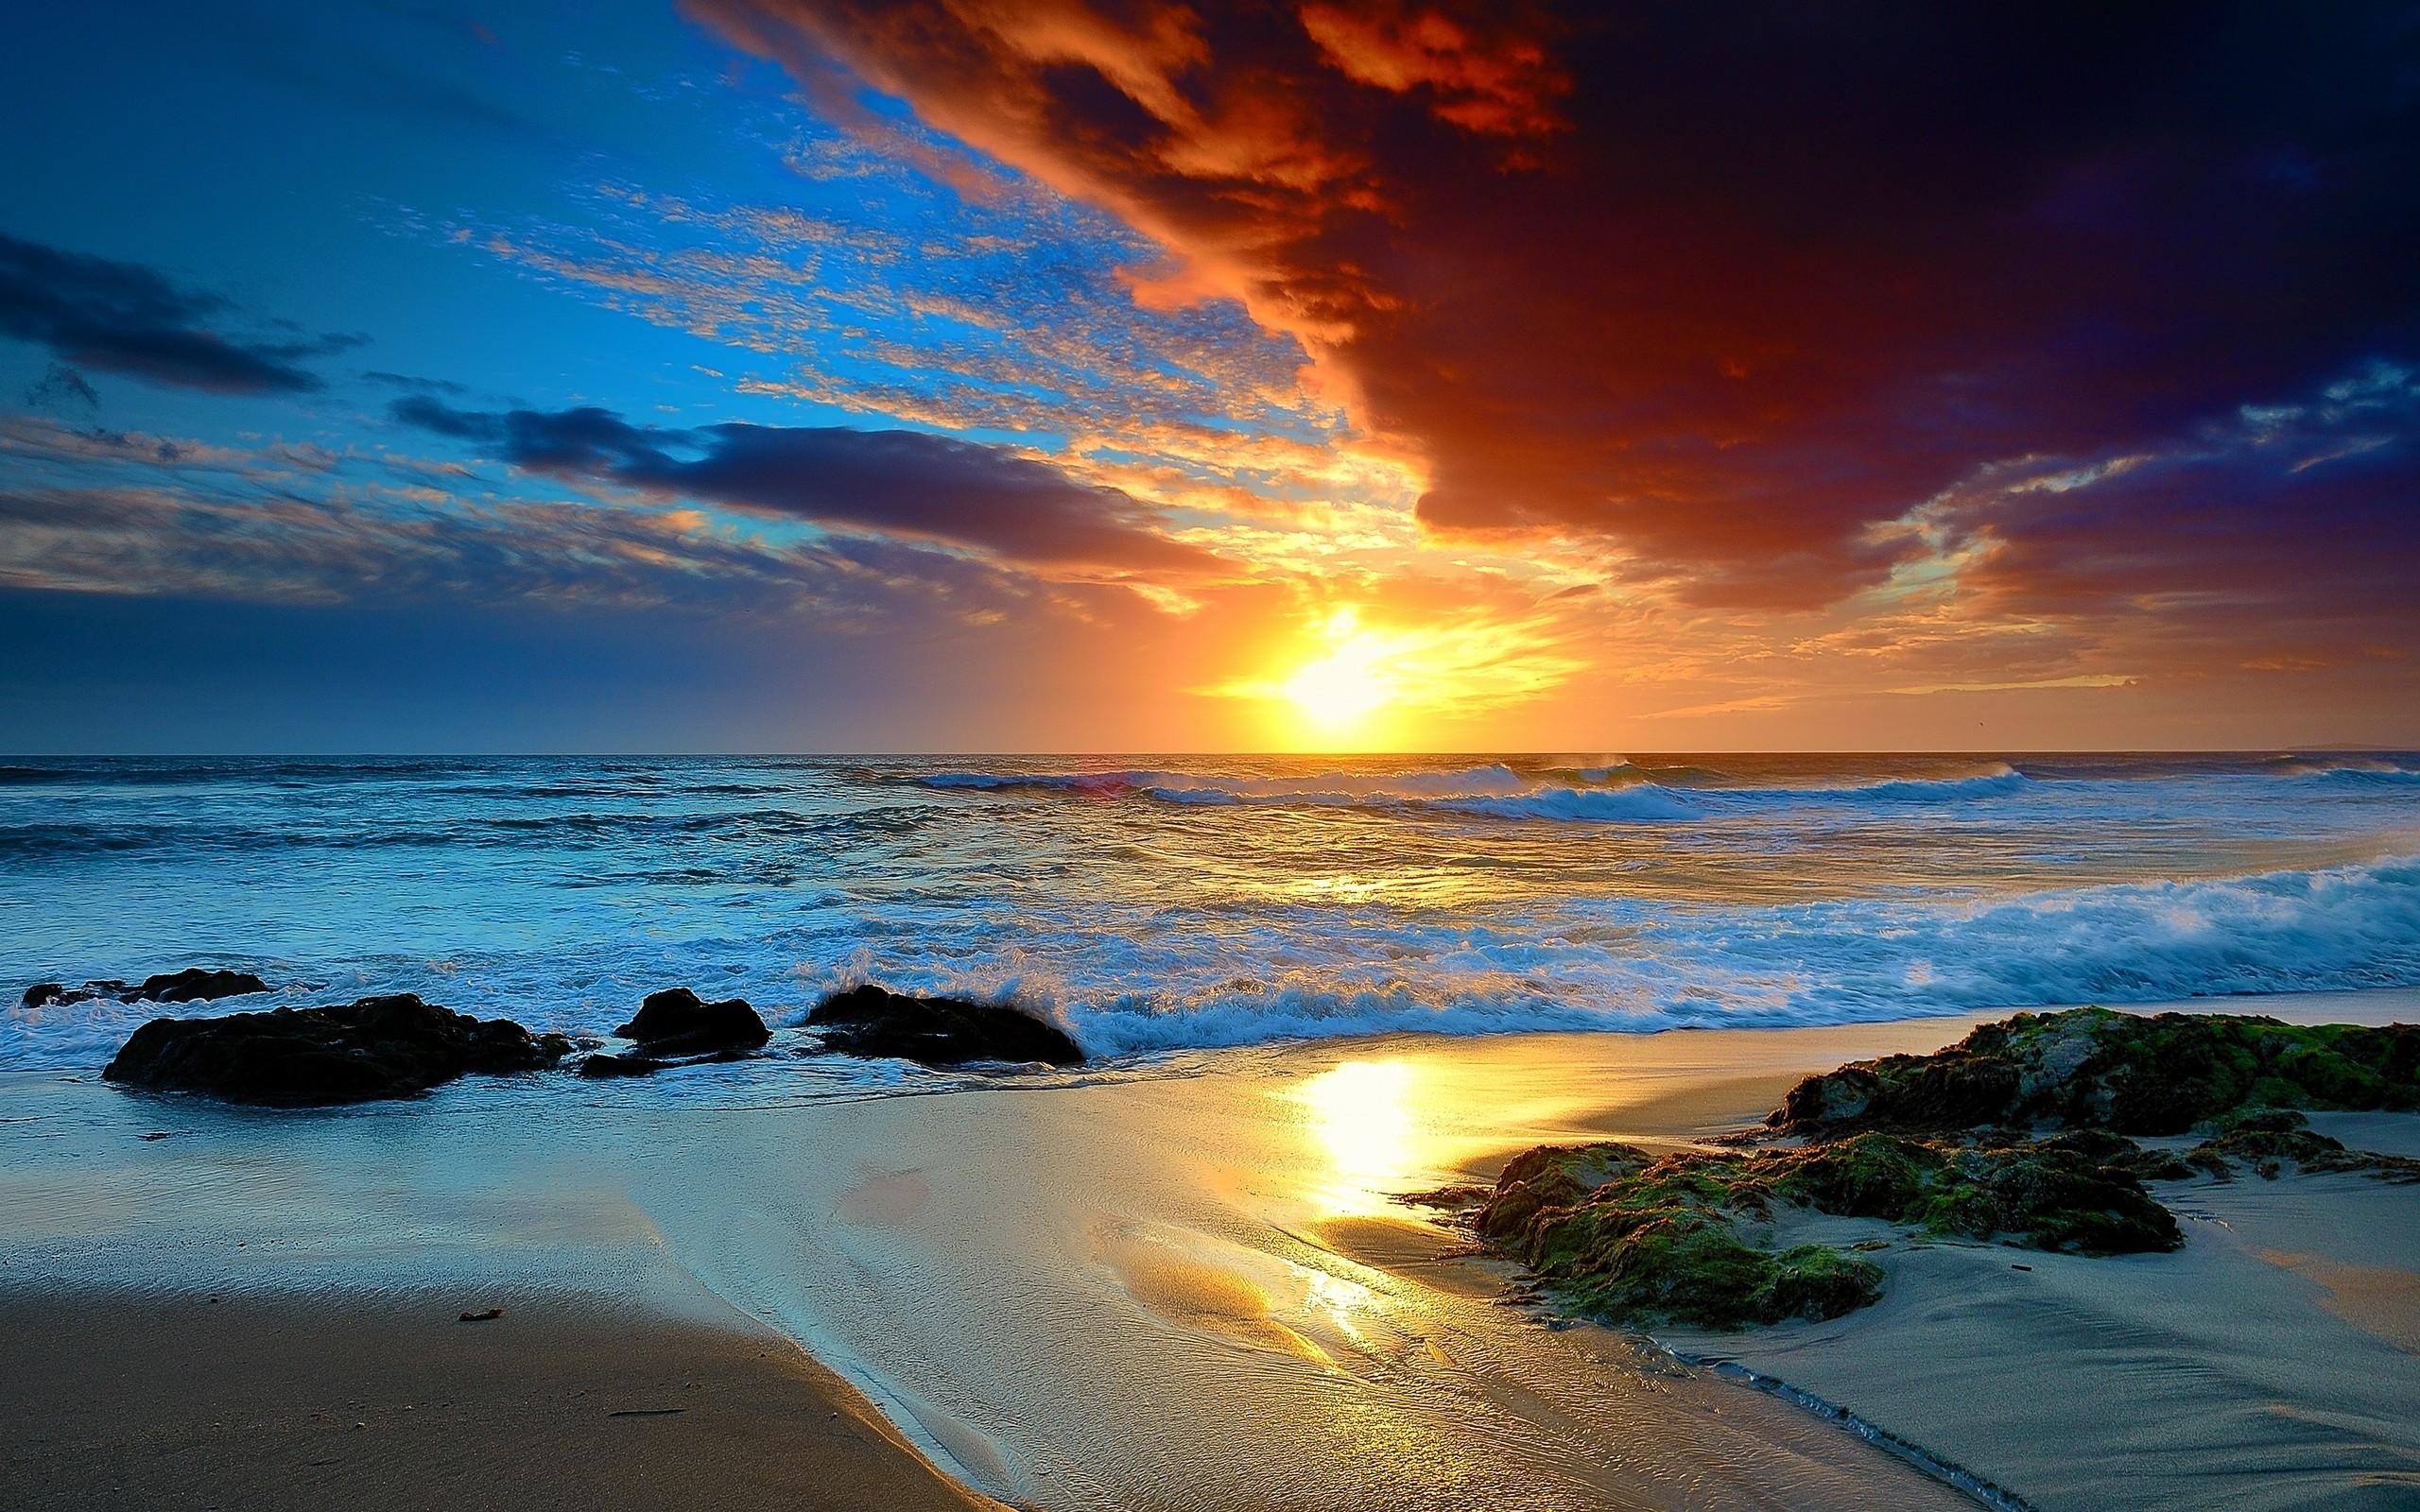 1920x1080 Sunset Beach Wallpaper Desktop Download 12406